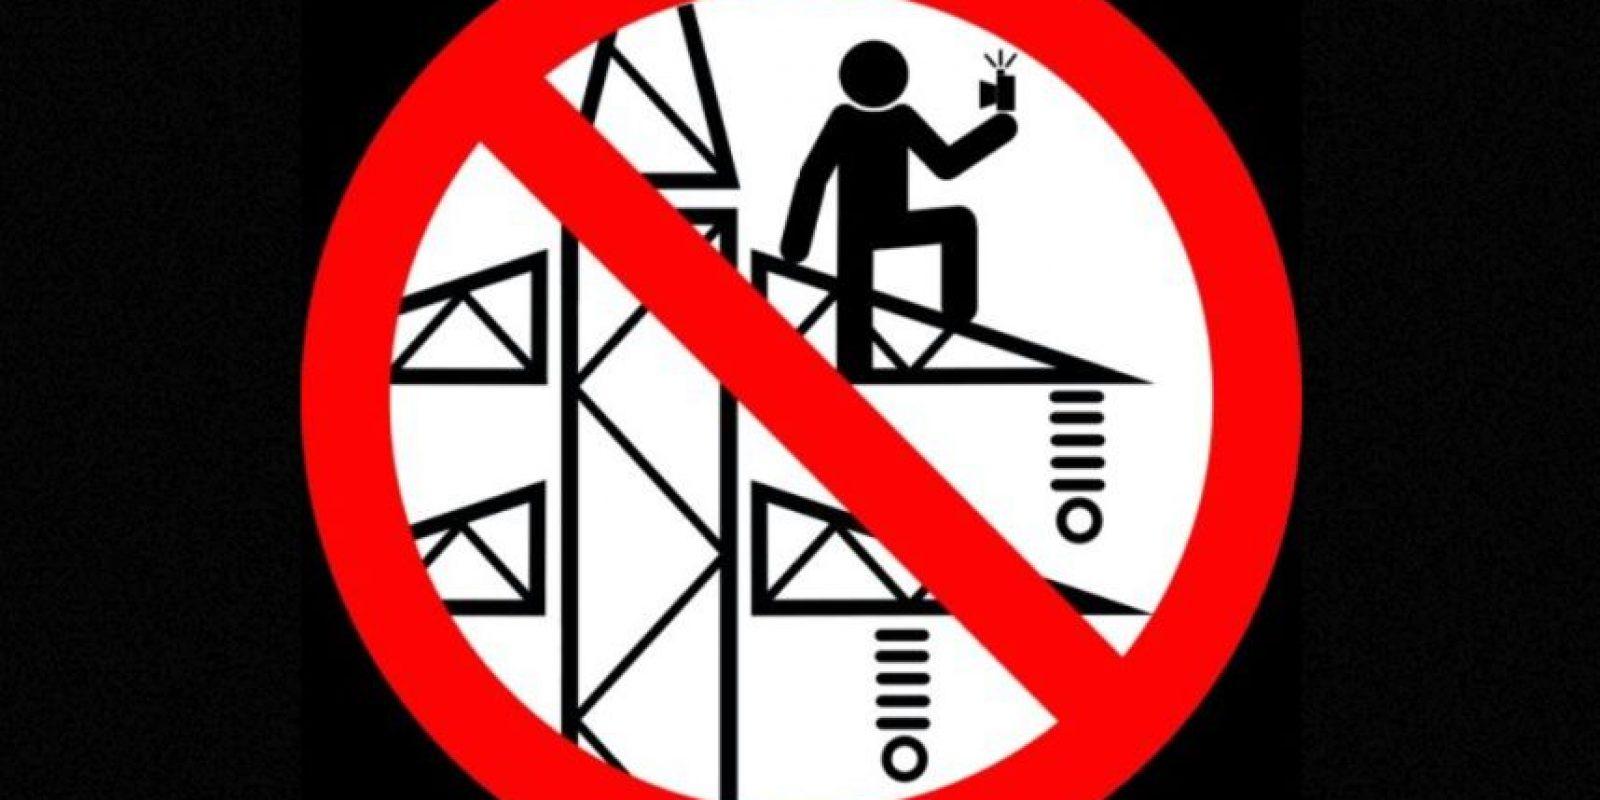 No tomarse selfies en una torre de energía eléctrica. Foto:vía mvd.ru